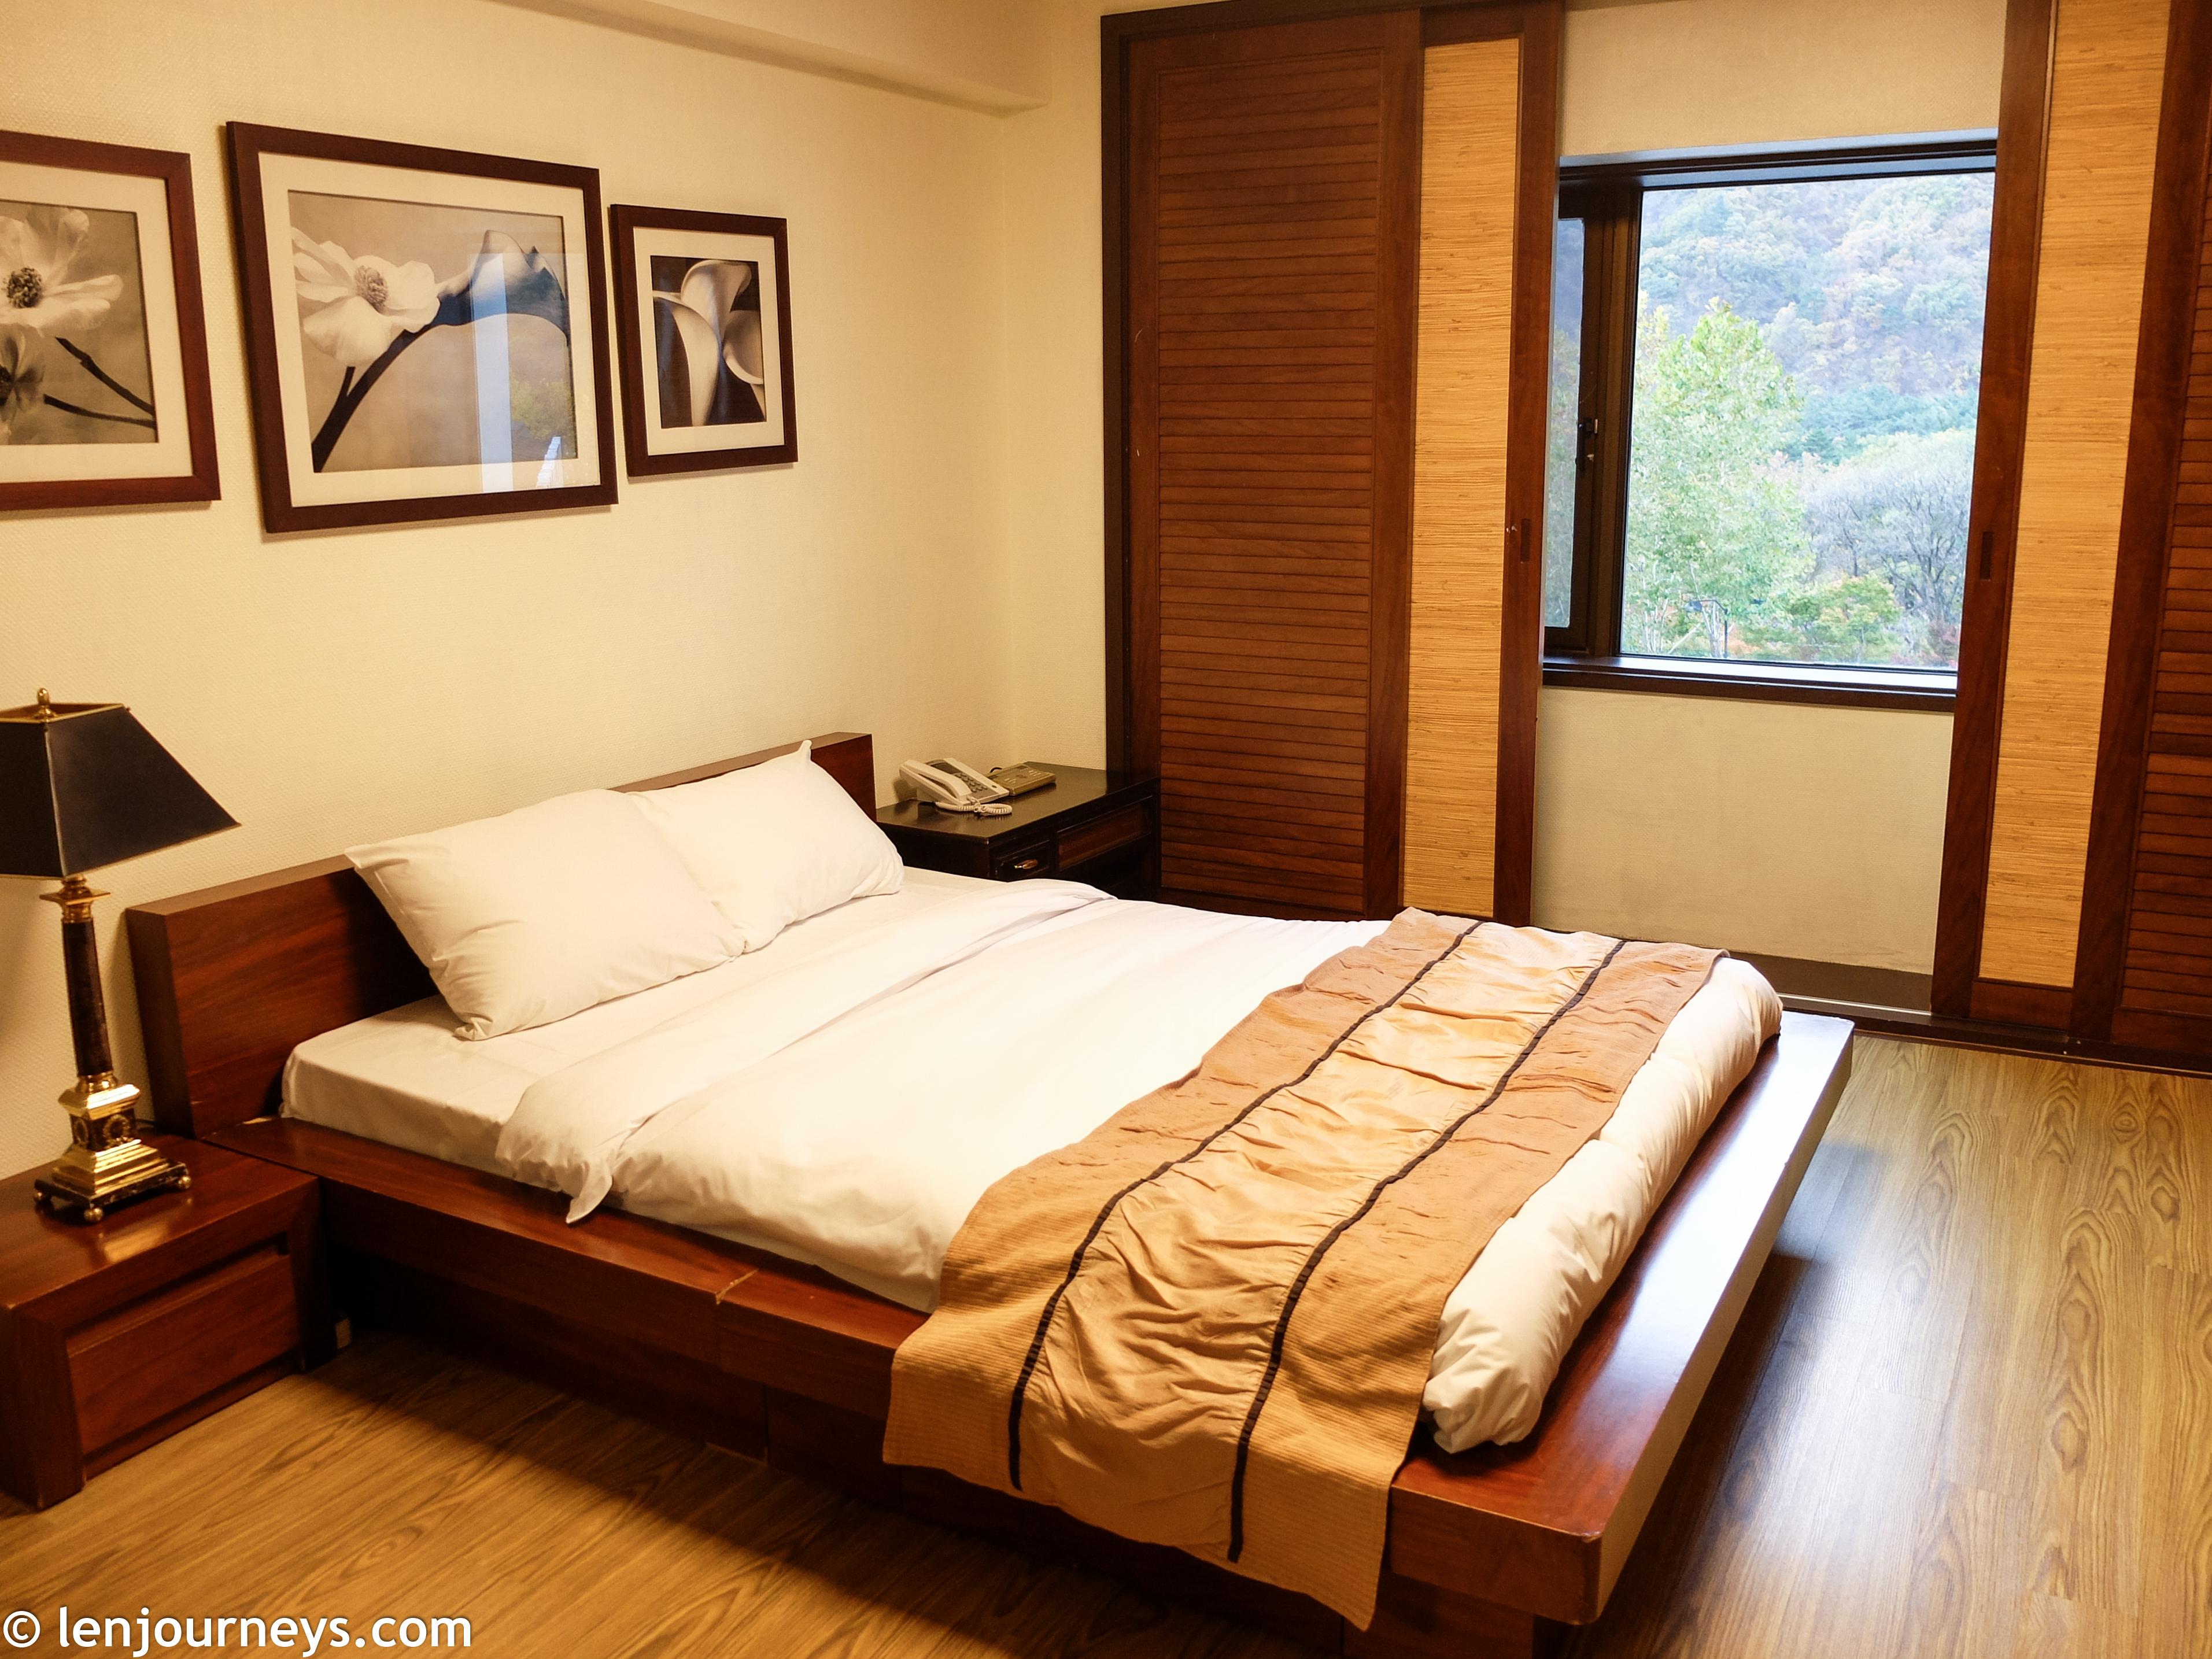 The Zen-style bedroom